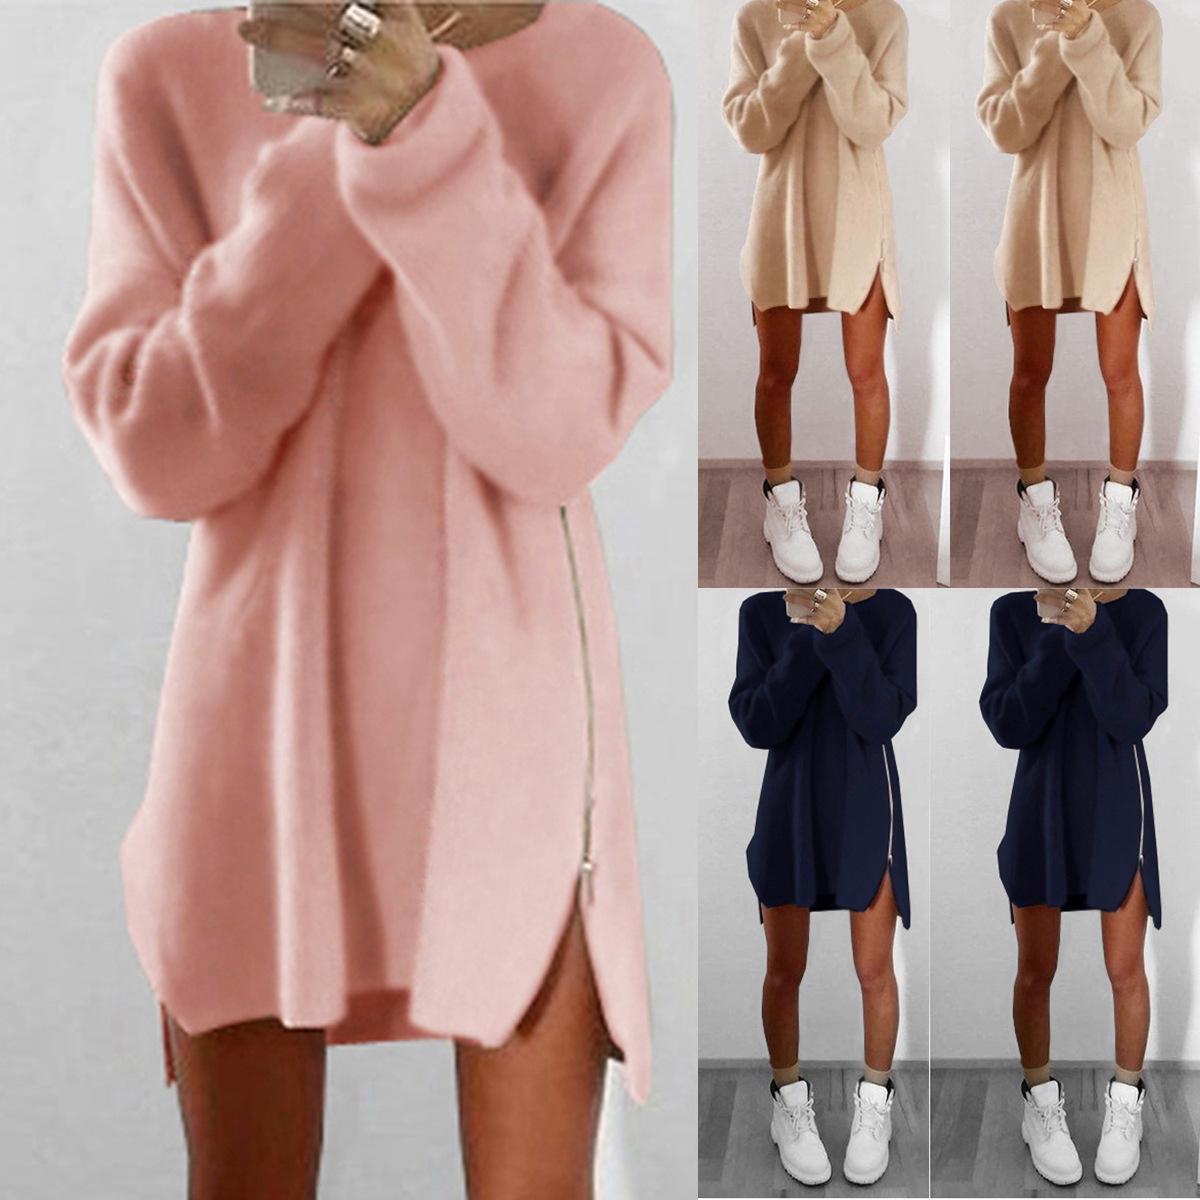 5bb223bd82 2019 Women Knitwear Lady Long Sleeve Zipper Side Knitted Split Sweater Loose  Tunic Vestido De Festa From Queenweddingdressing